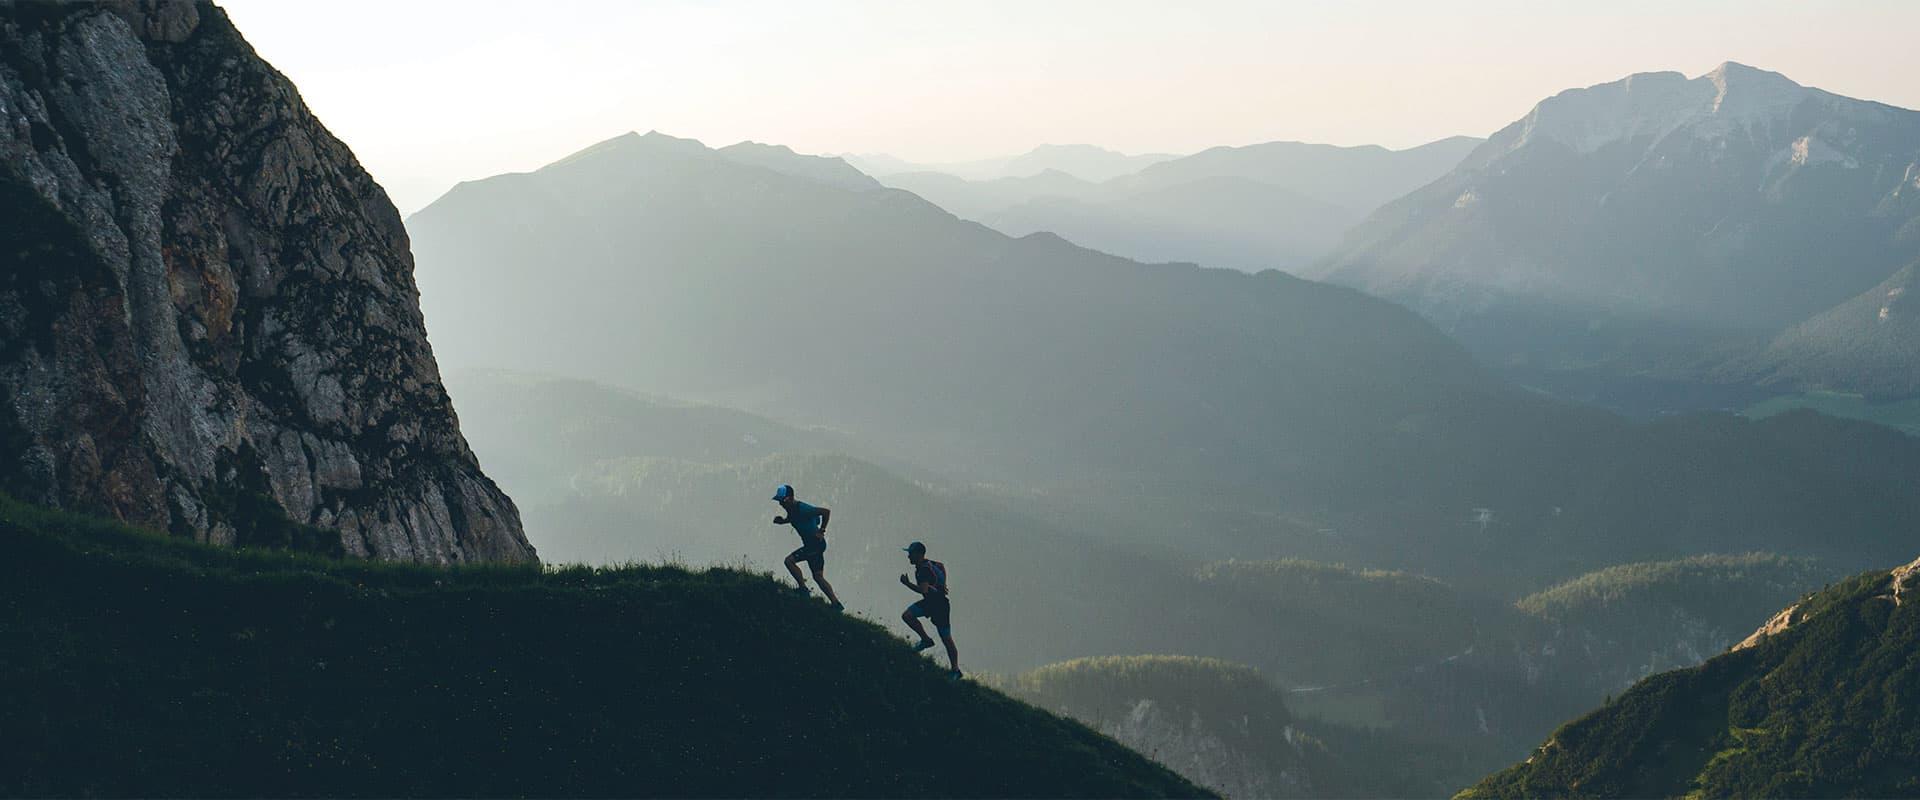 Slider_Florian_Reiter_Trailrunning_01-1